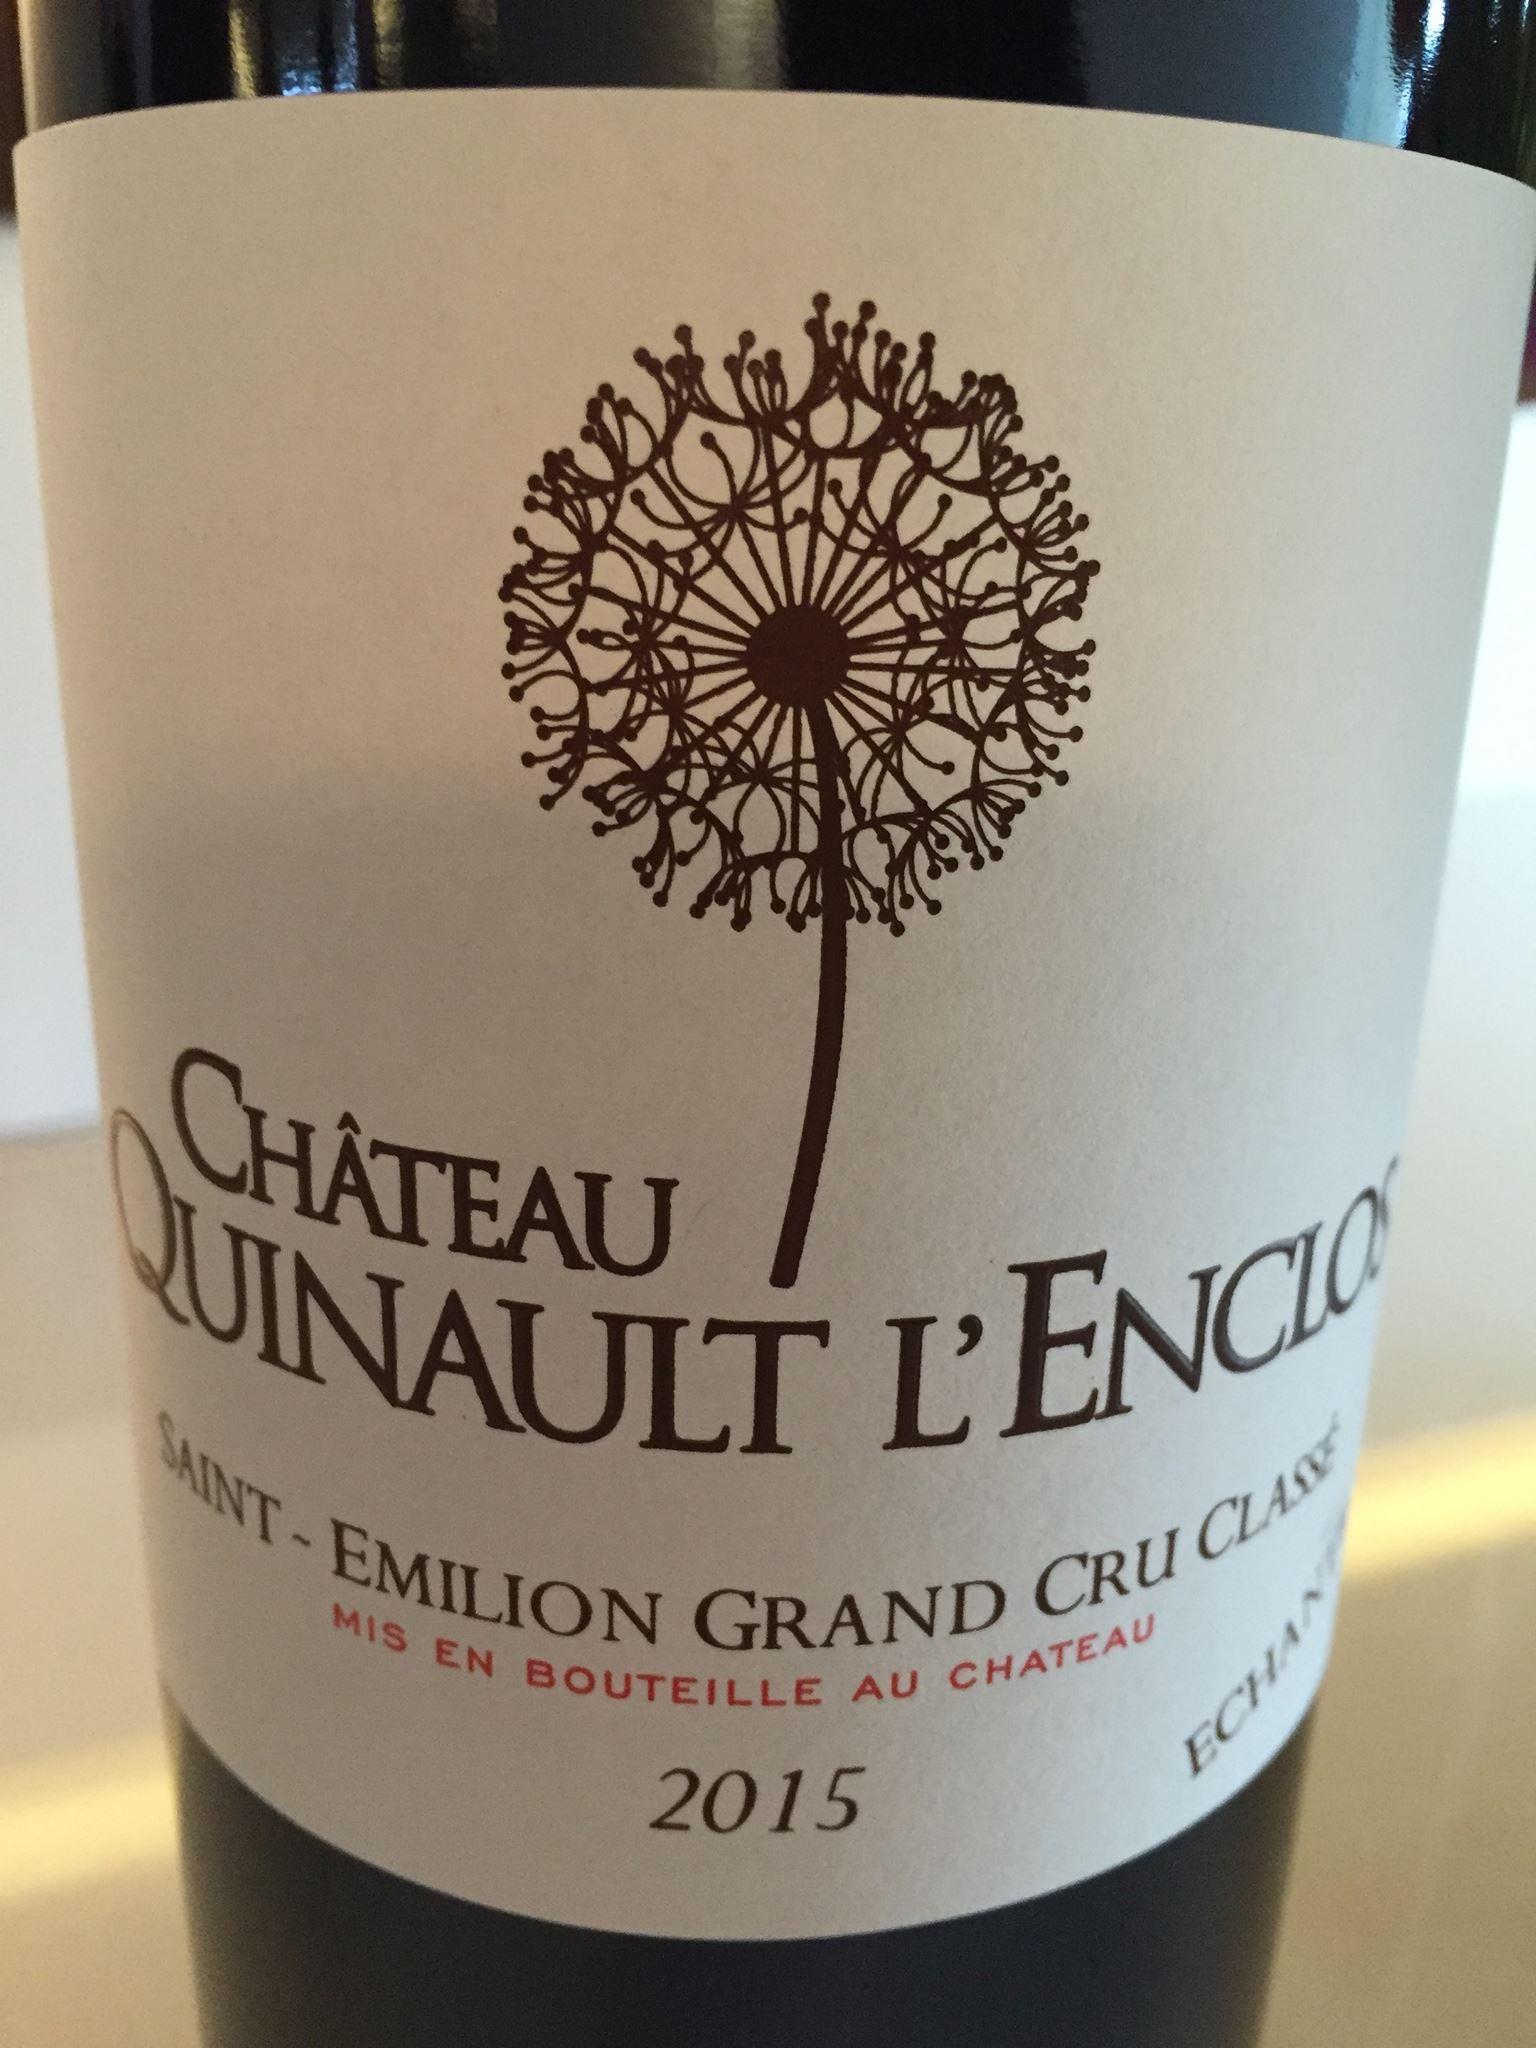 Château Quinault L'Enclos 2015 – Saint-Emilion Grand Cru Classé